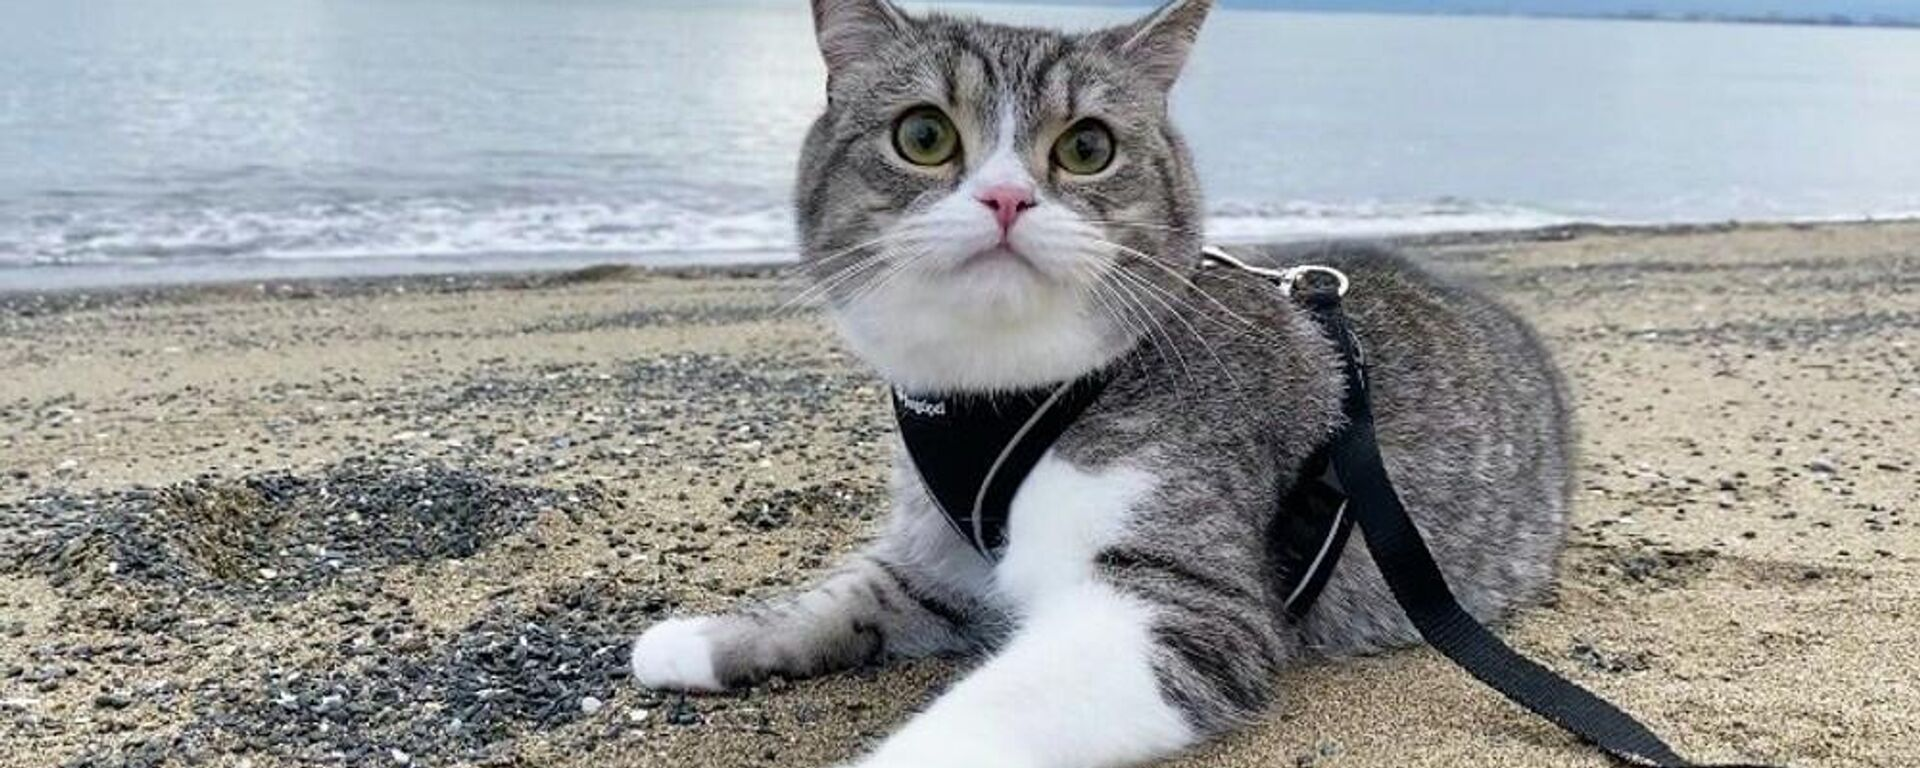 Ο γατούλης Μοτιμάρου είναι η γάτα με τα πιο πολλά views στο YouTube - Sputnik Ελλάδα, 1920, 09.09.2021